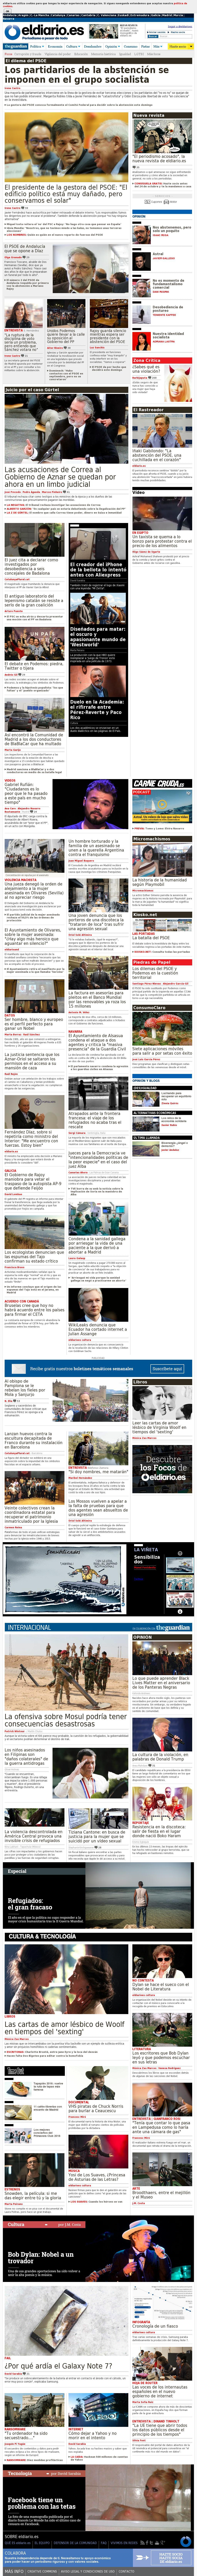 El Diario at Tuesday Oct. 18, 2016, 12:03 p.m. UTC